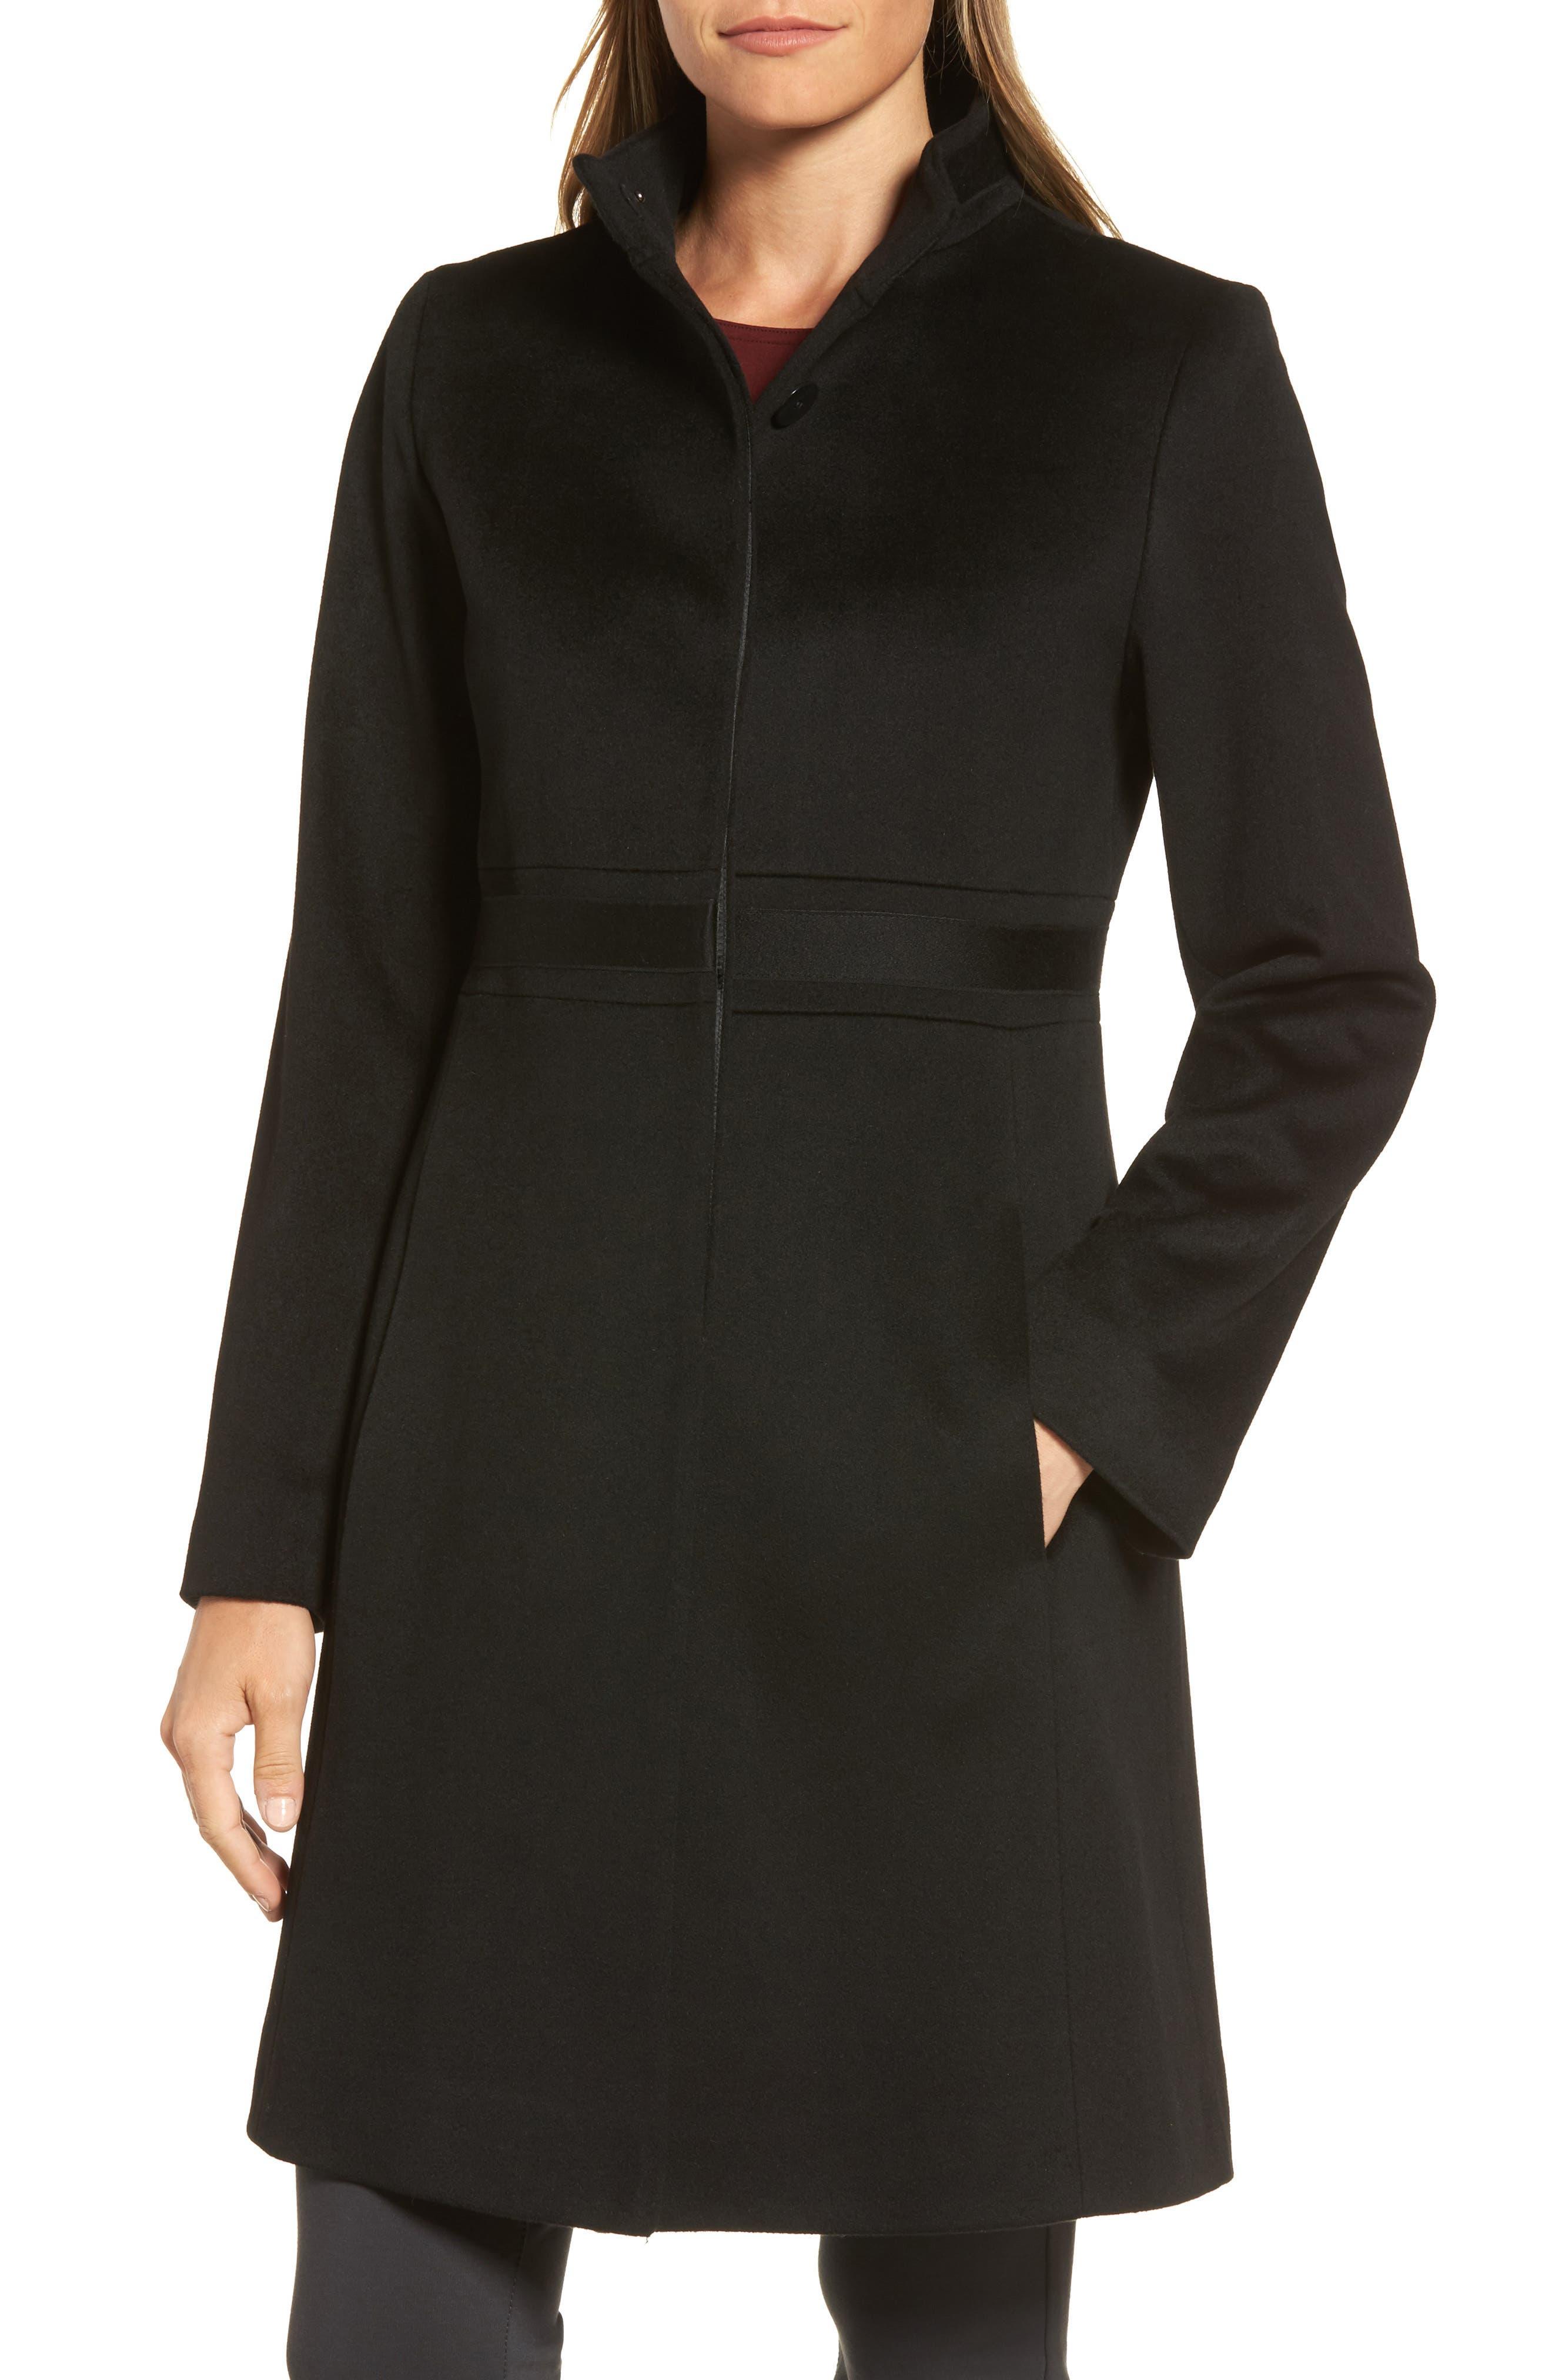 FLEURETTE Appliqué Wool Coat